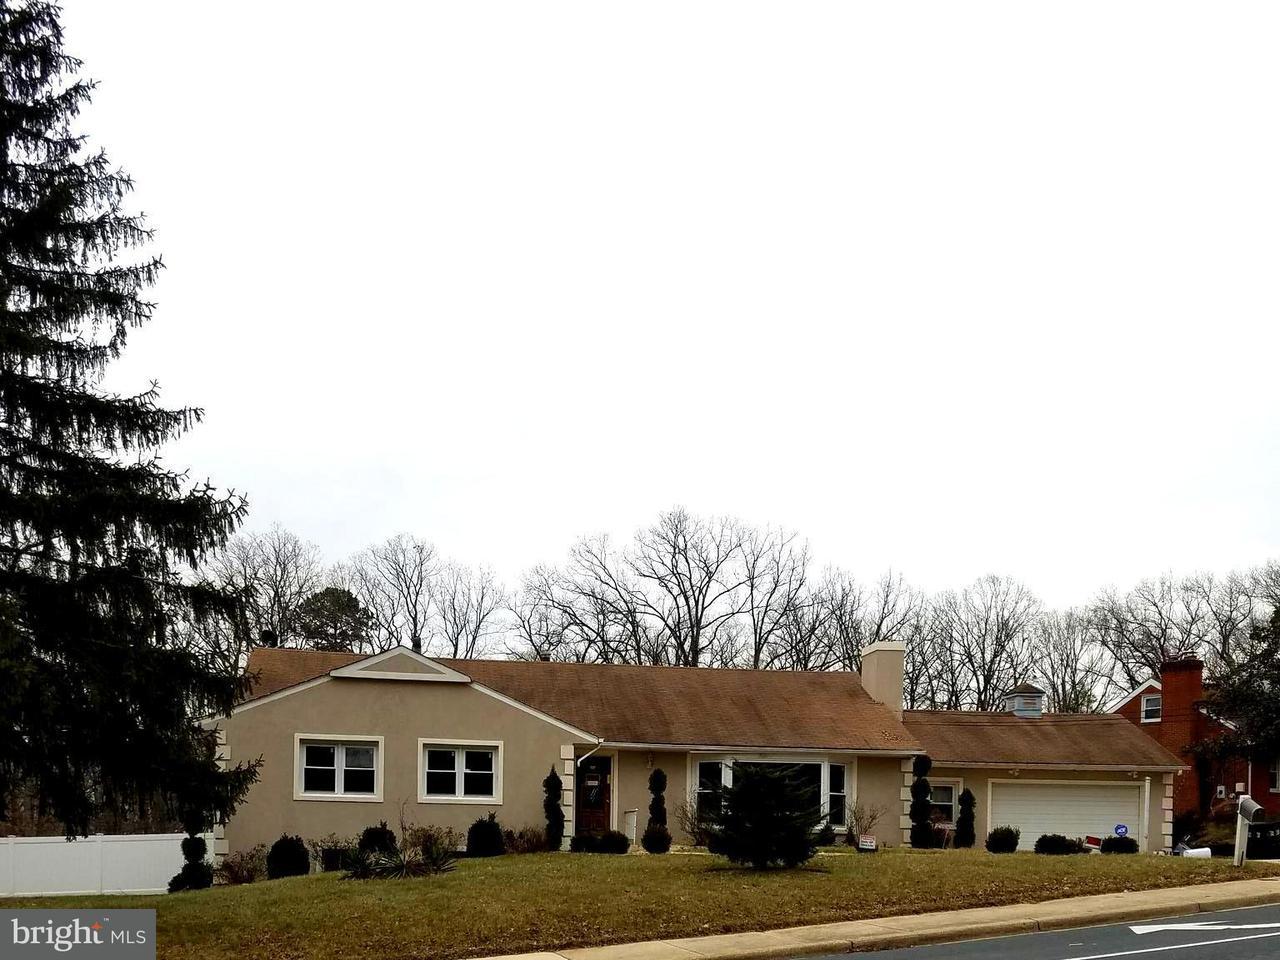 獨棟家庭住宅 為 出售 在 7292 FINNS Lane 7292 FINNS Lane Lanham, 馬里蘭州 20706 美國